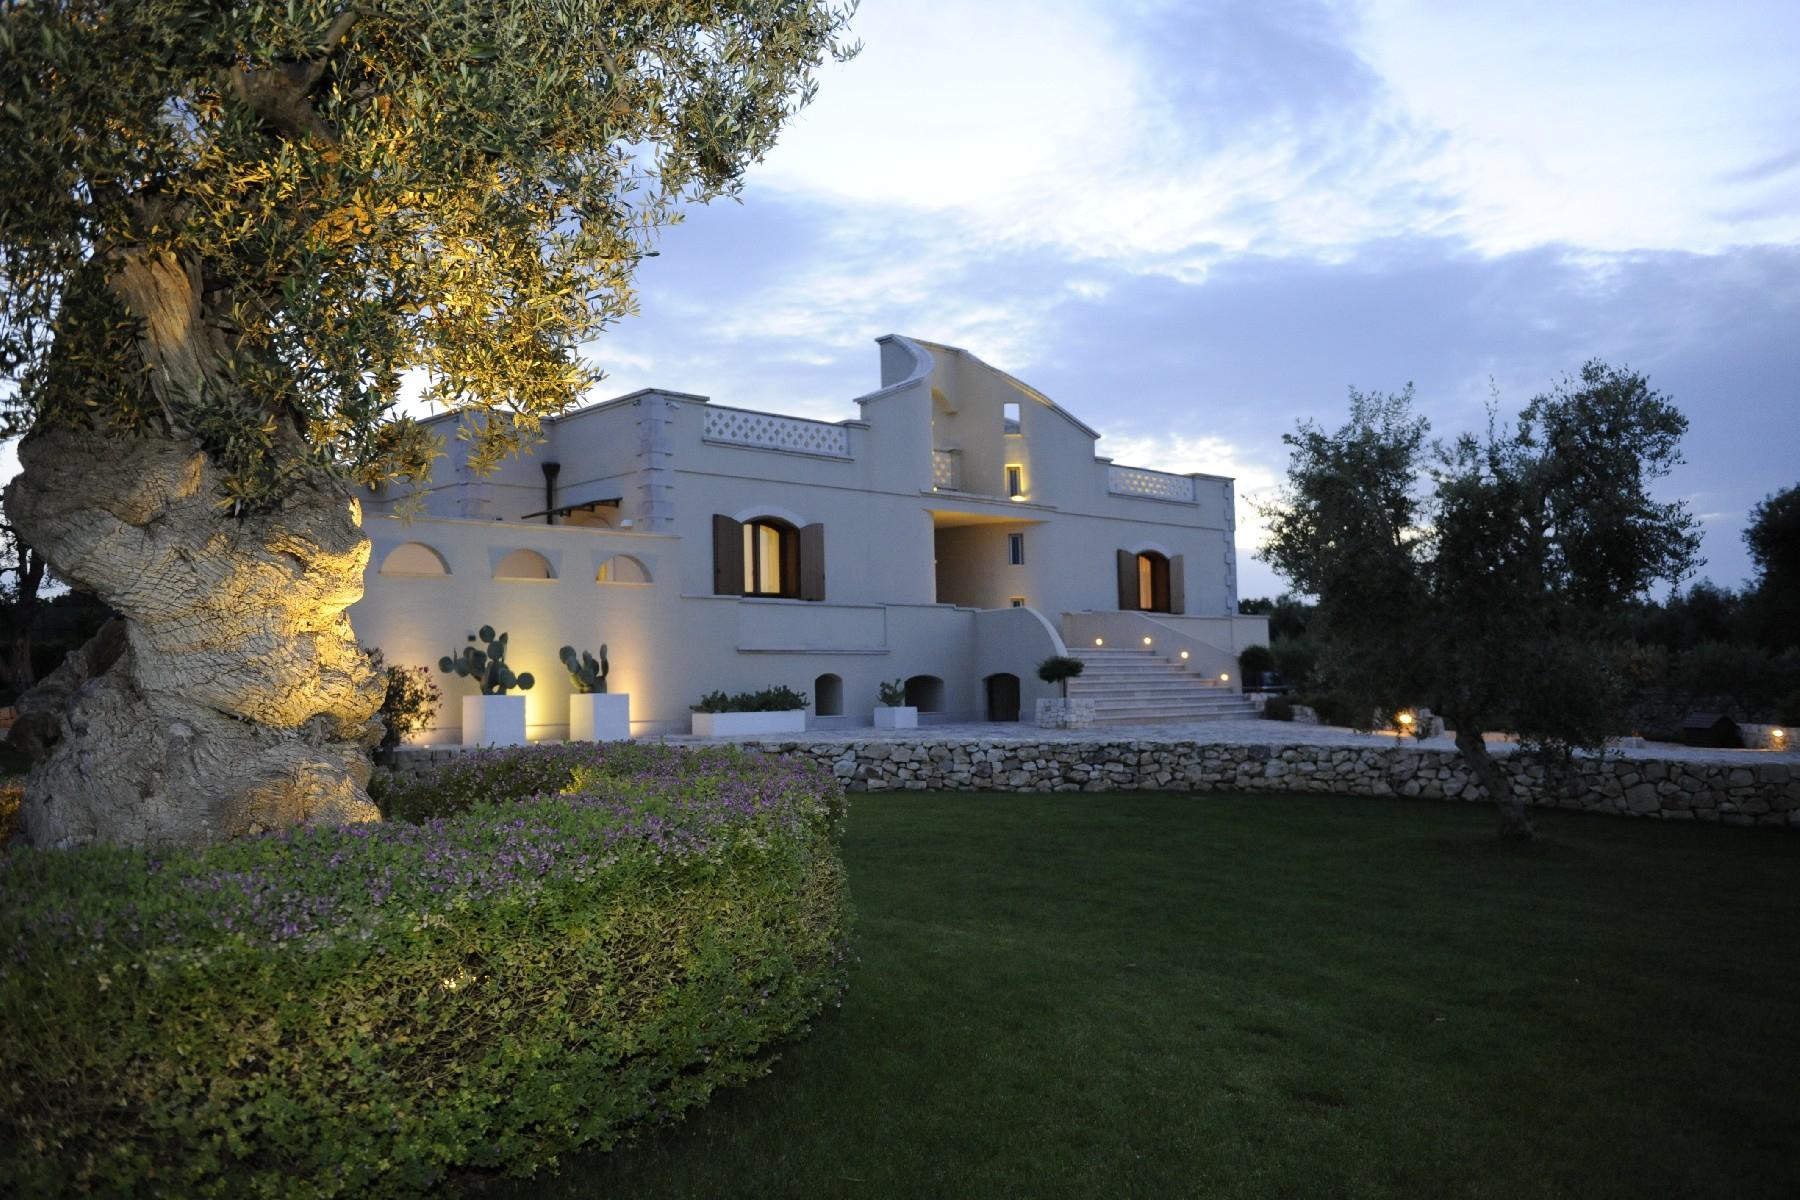 Villa in Vendita a Ostuni: 5 locali, 320 mq